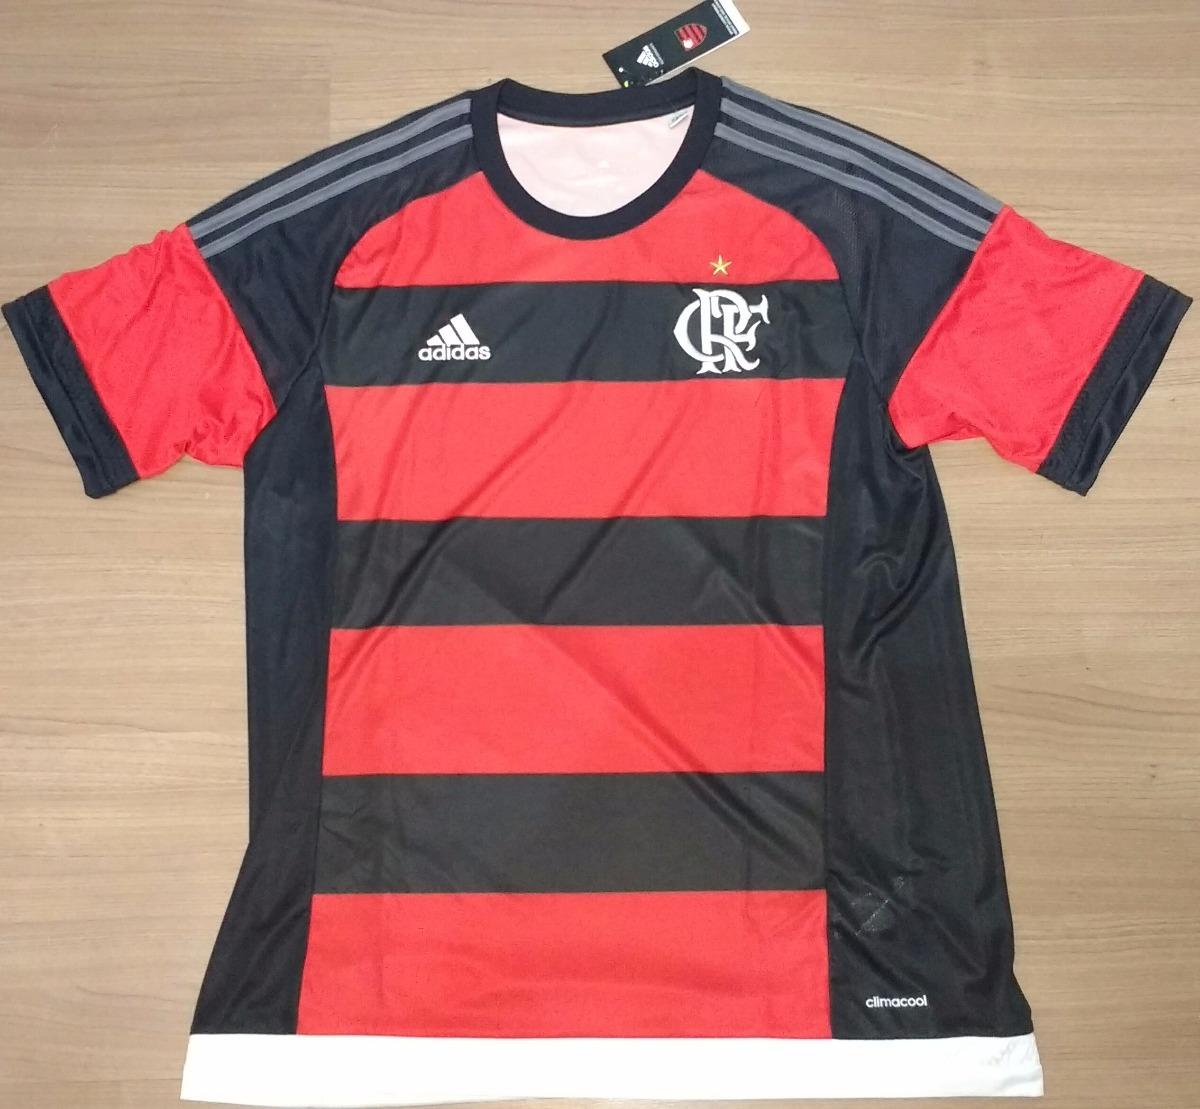 camisa do flamengo original 100% adidas de 2015 - 15. Carregando zoom. 9671dac17497c